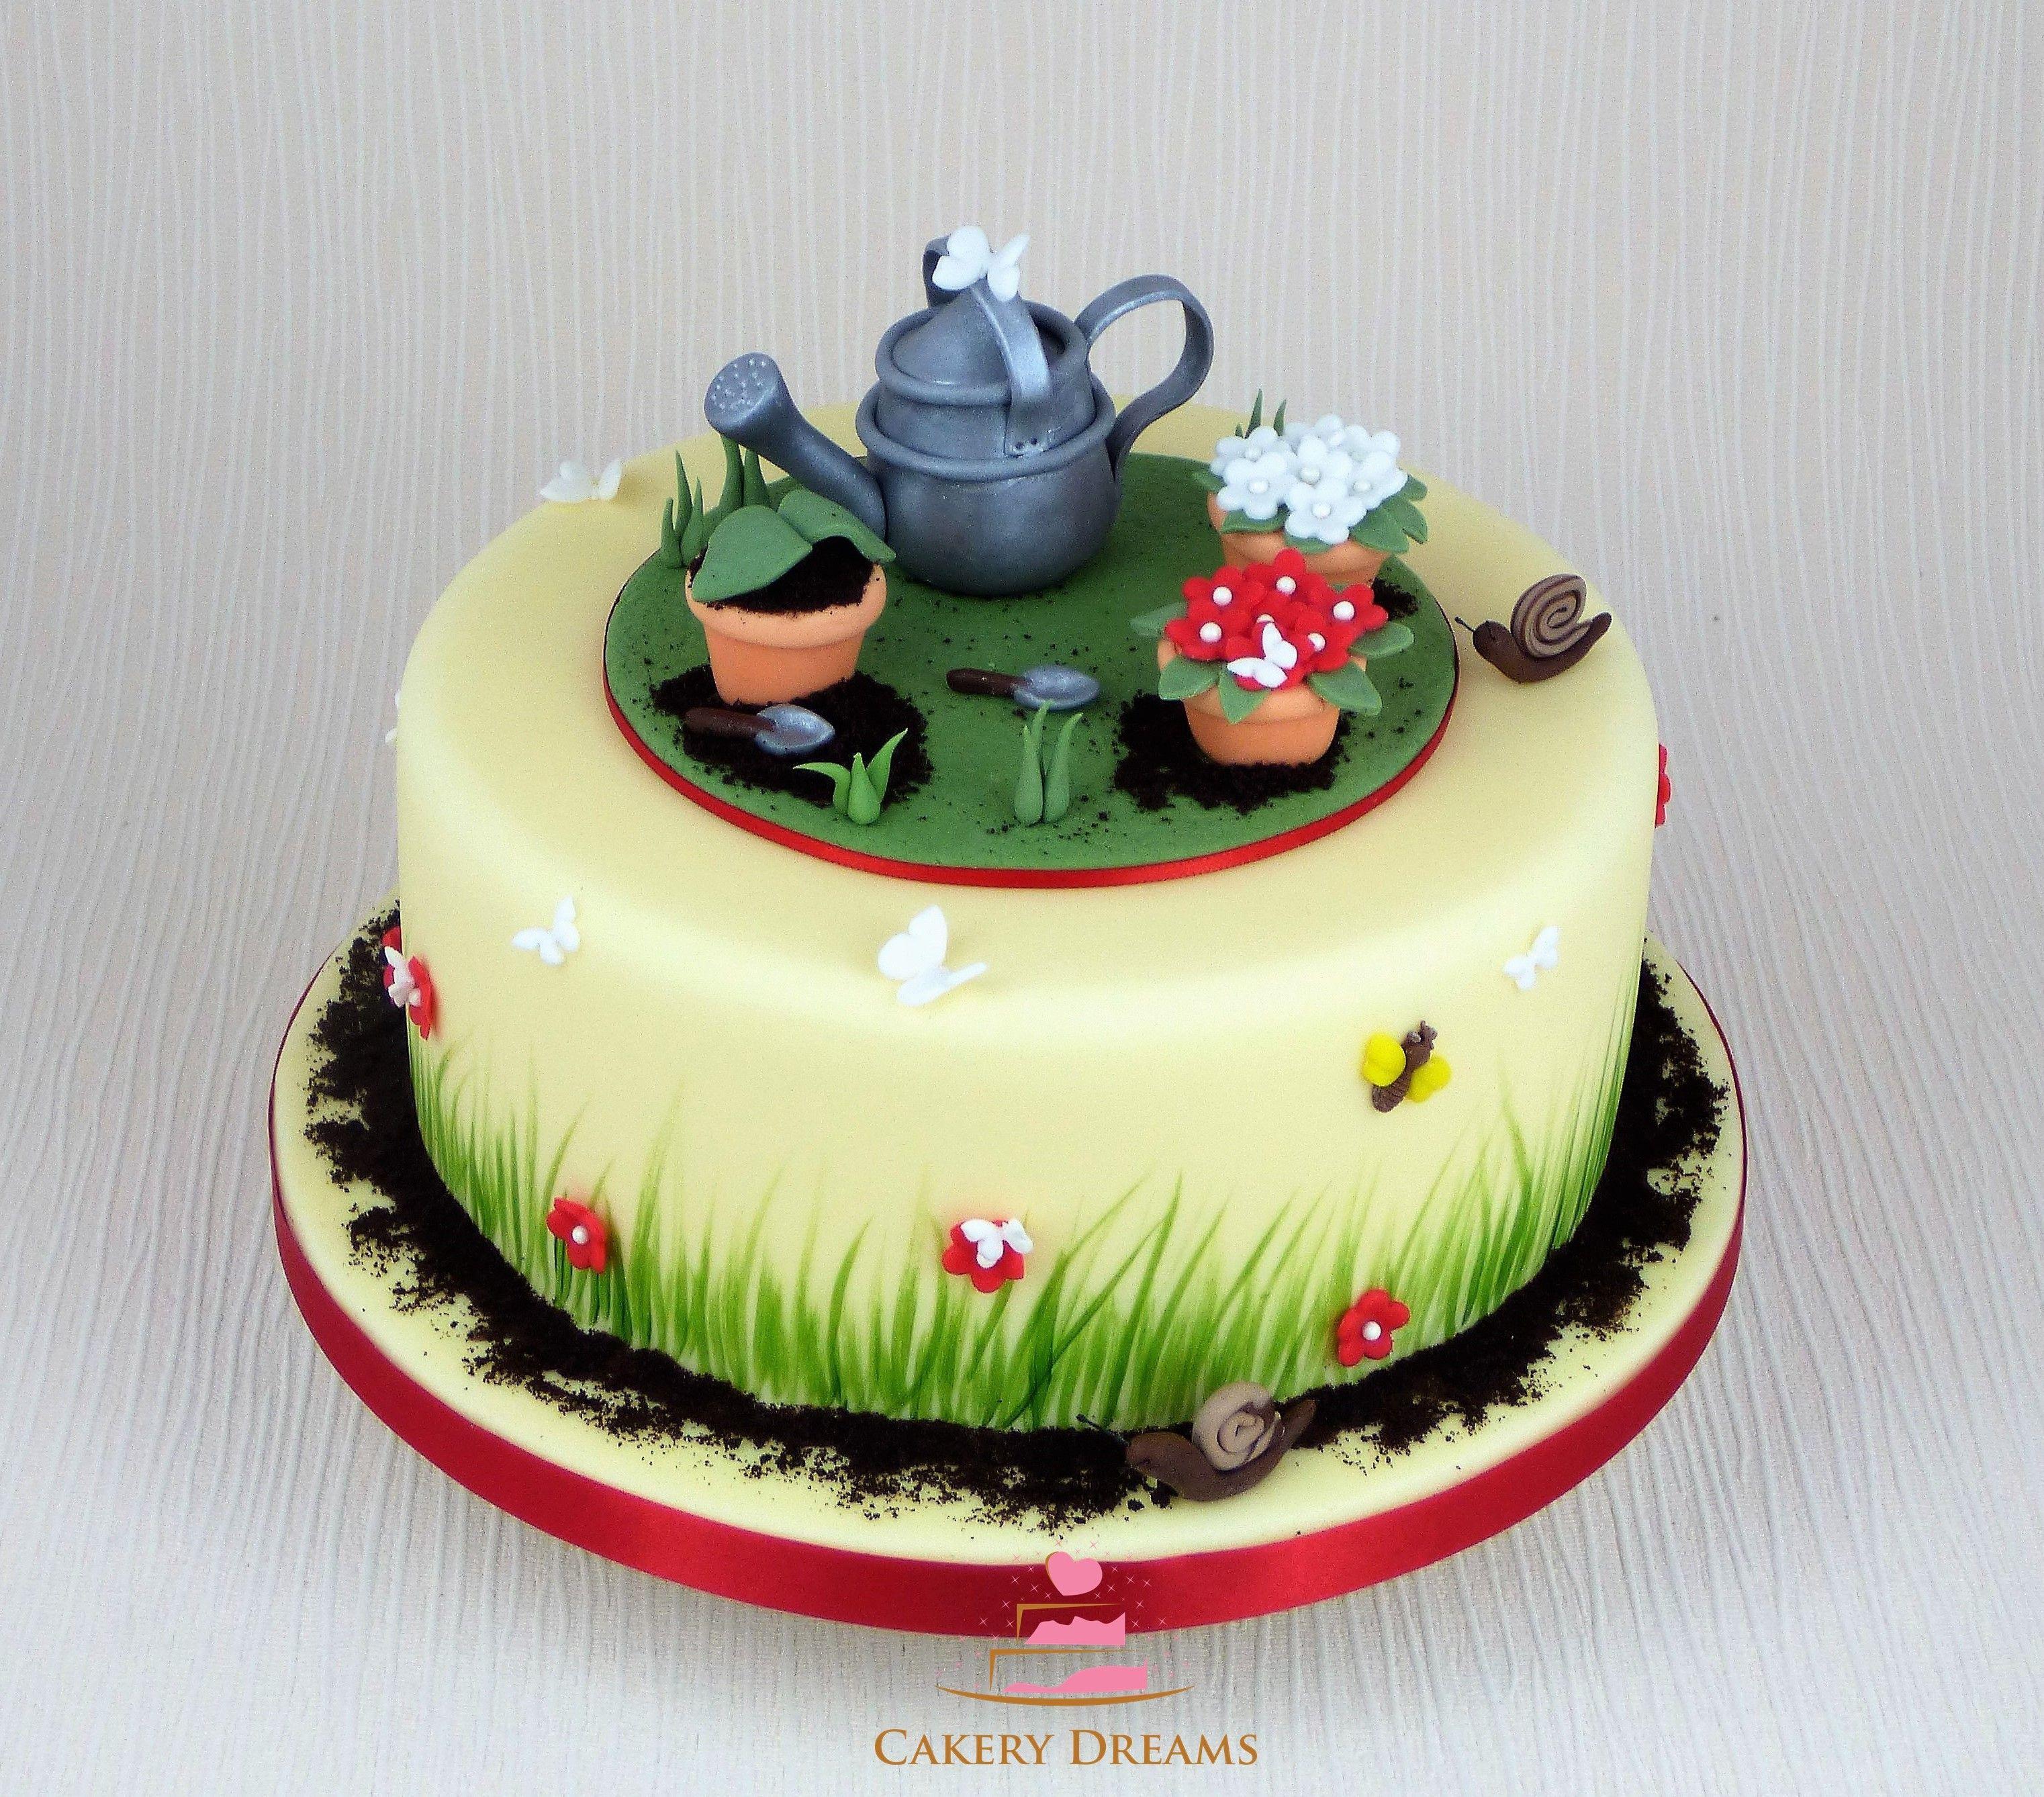 Fondant Torte Zum Thema Fruhling Im Garten Cake Spring Garden Garten Fondant Torten Fruh Fruhlings Torte Kuchen Und Torten Rezepte Kuchen Mit Fondant